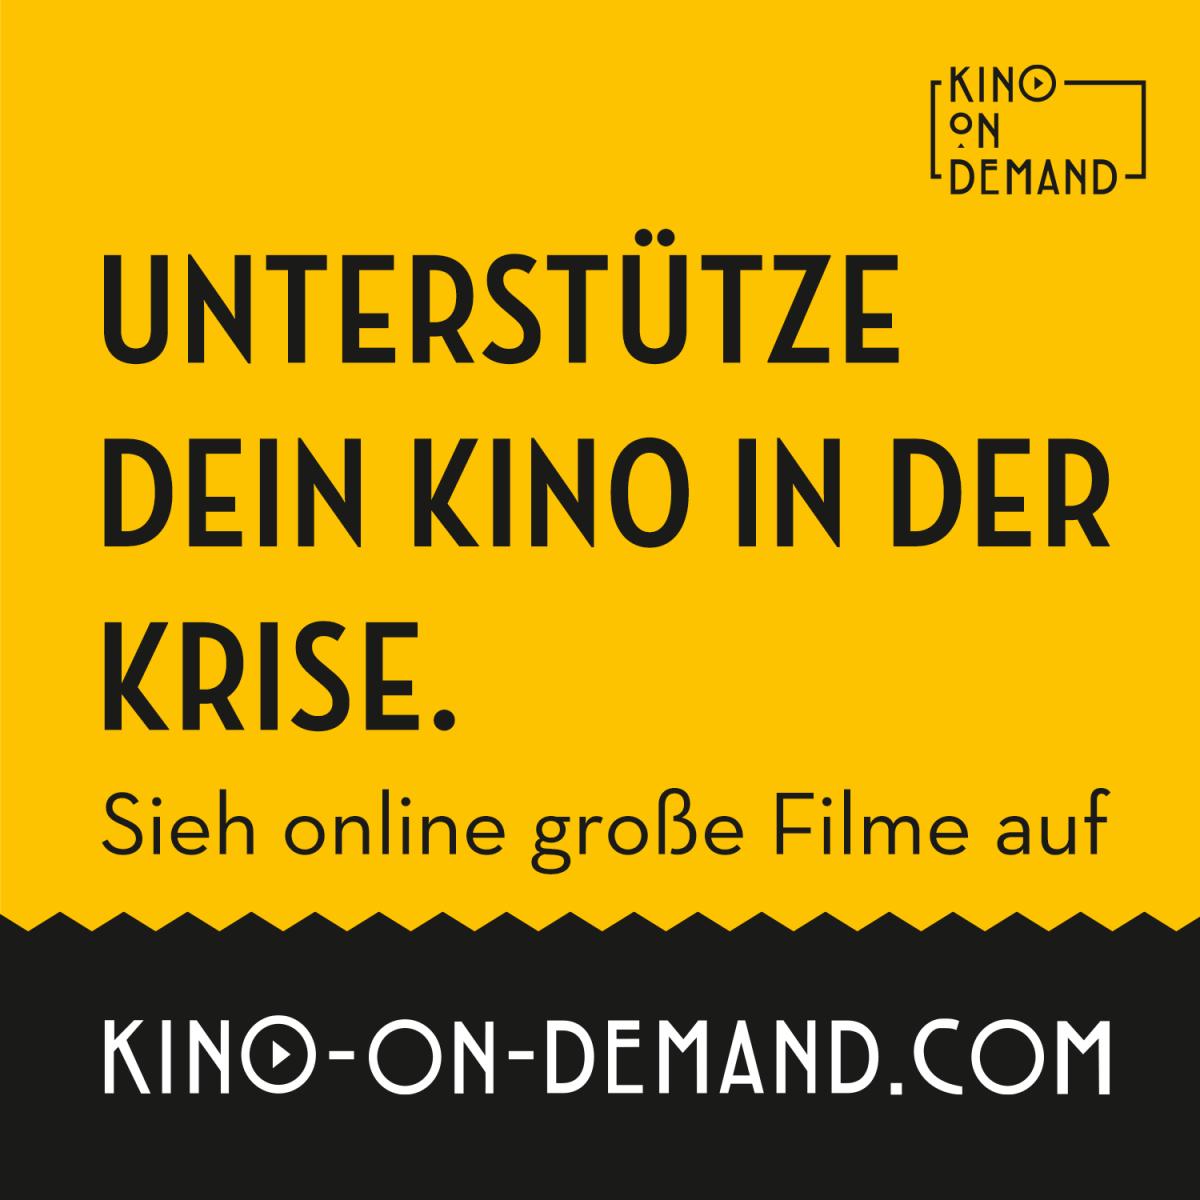 Filmstation daheim